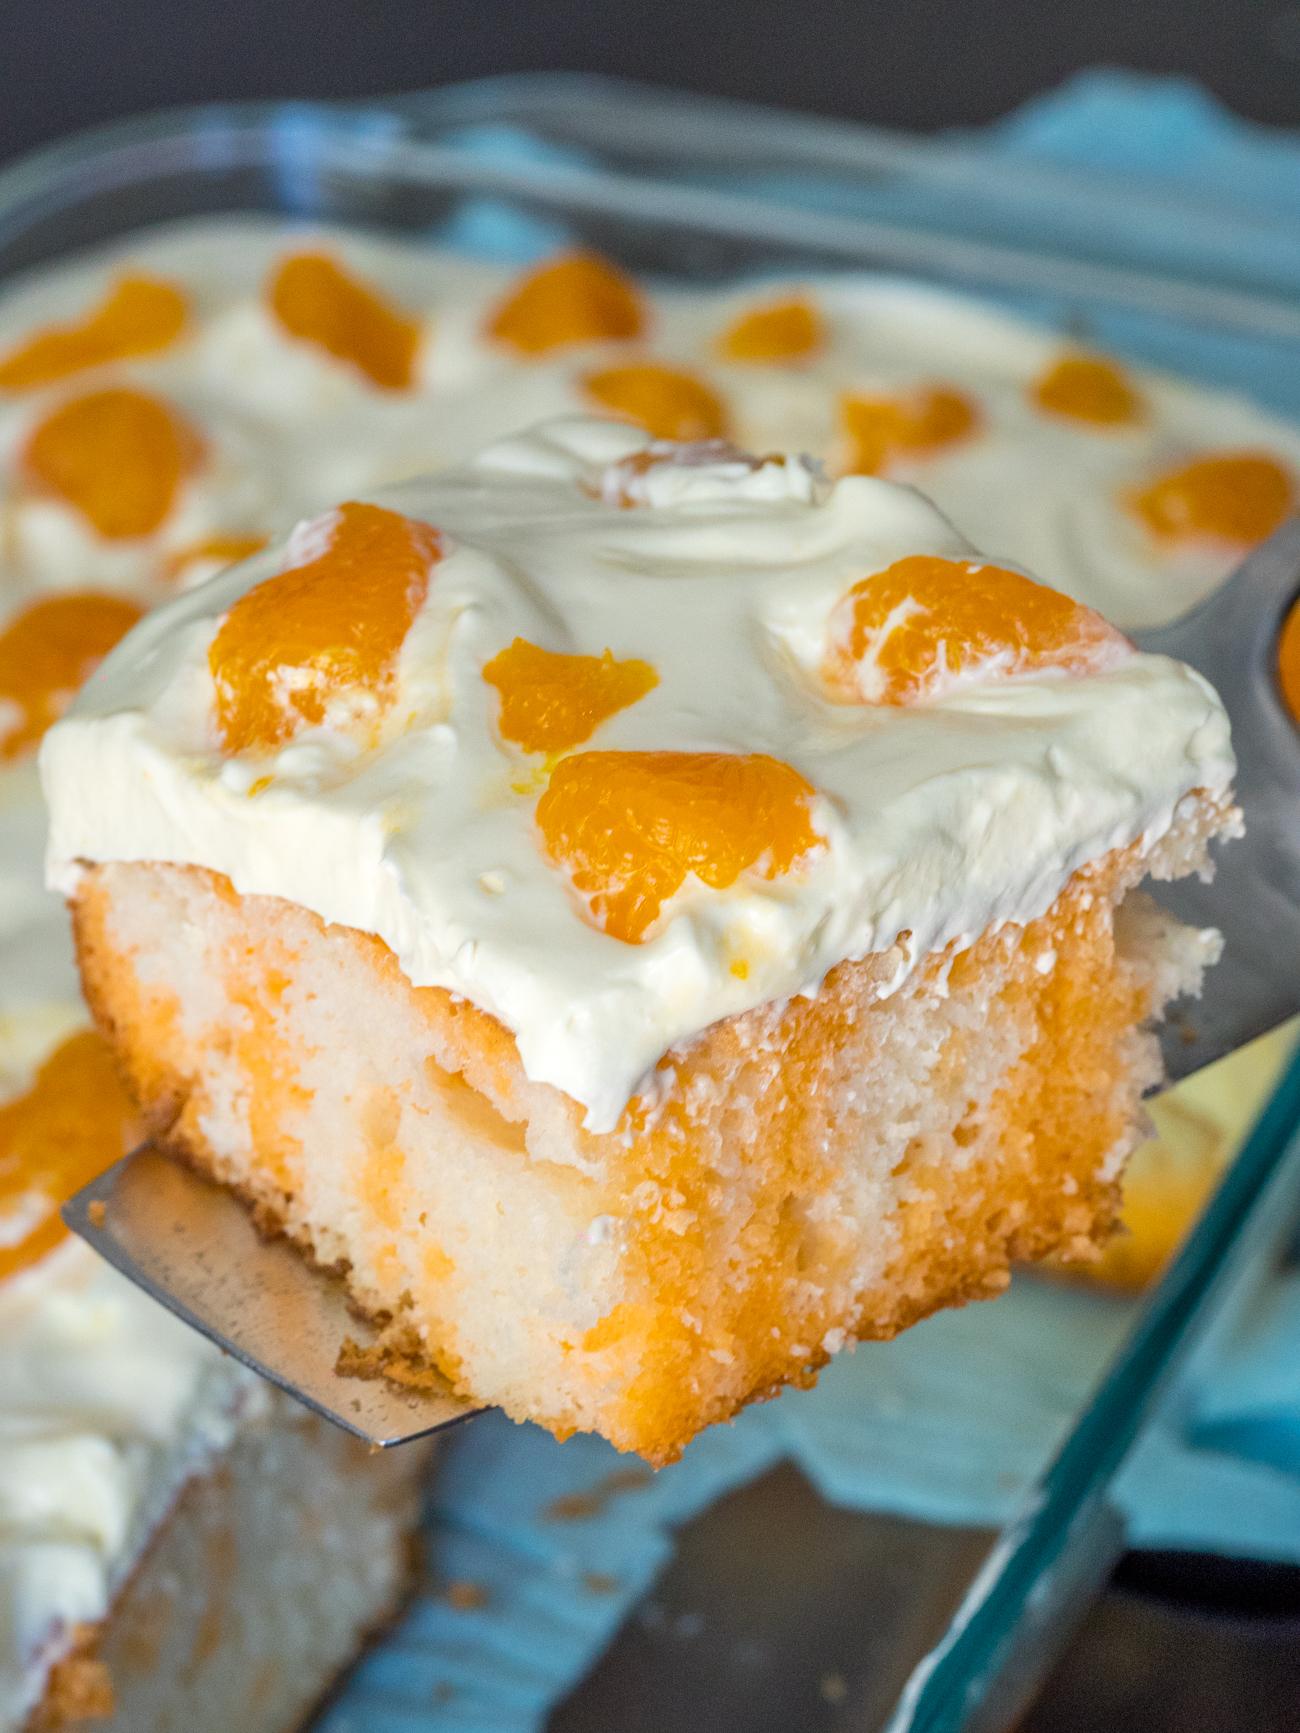 Creamiscle Poke Cake Vertical 3